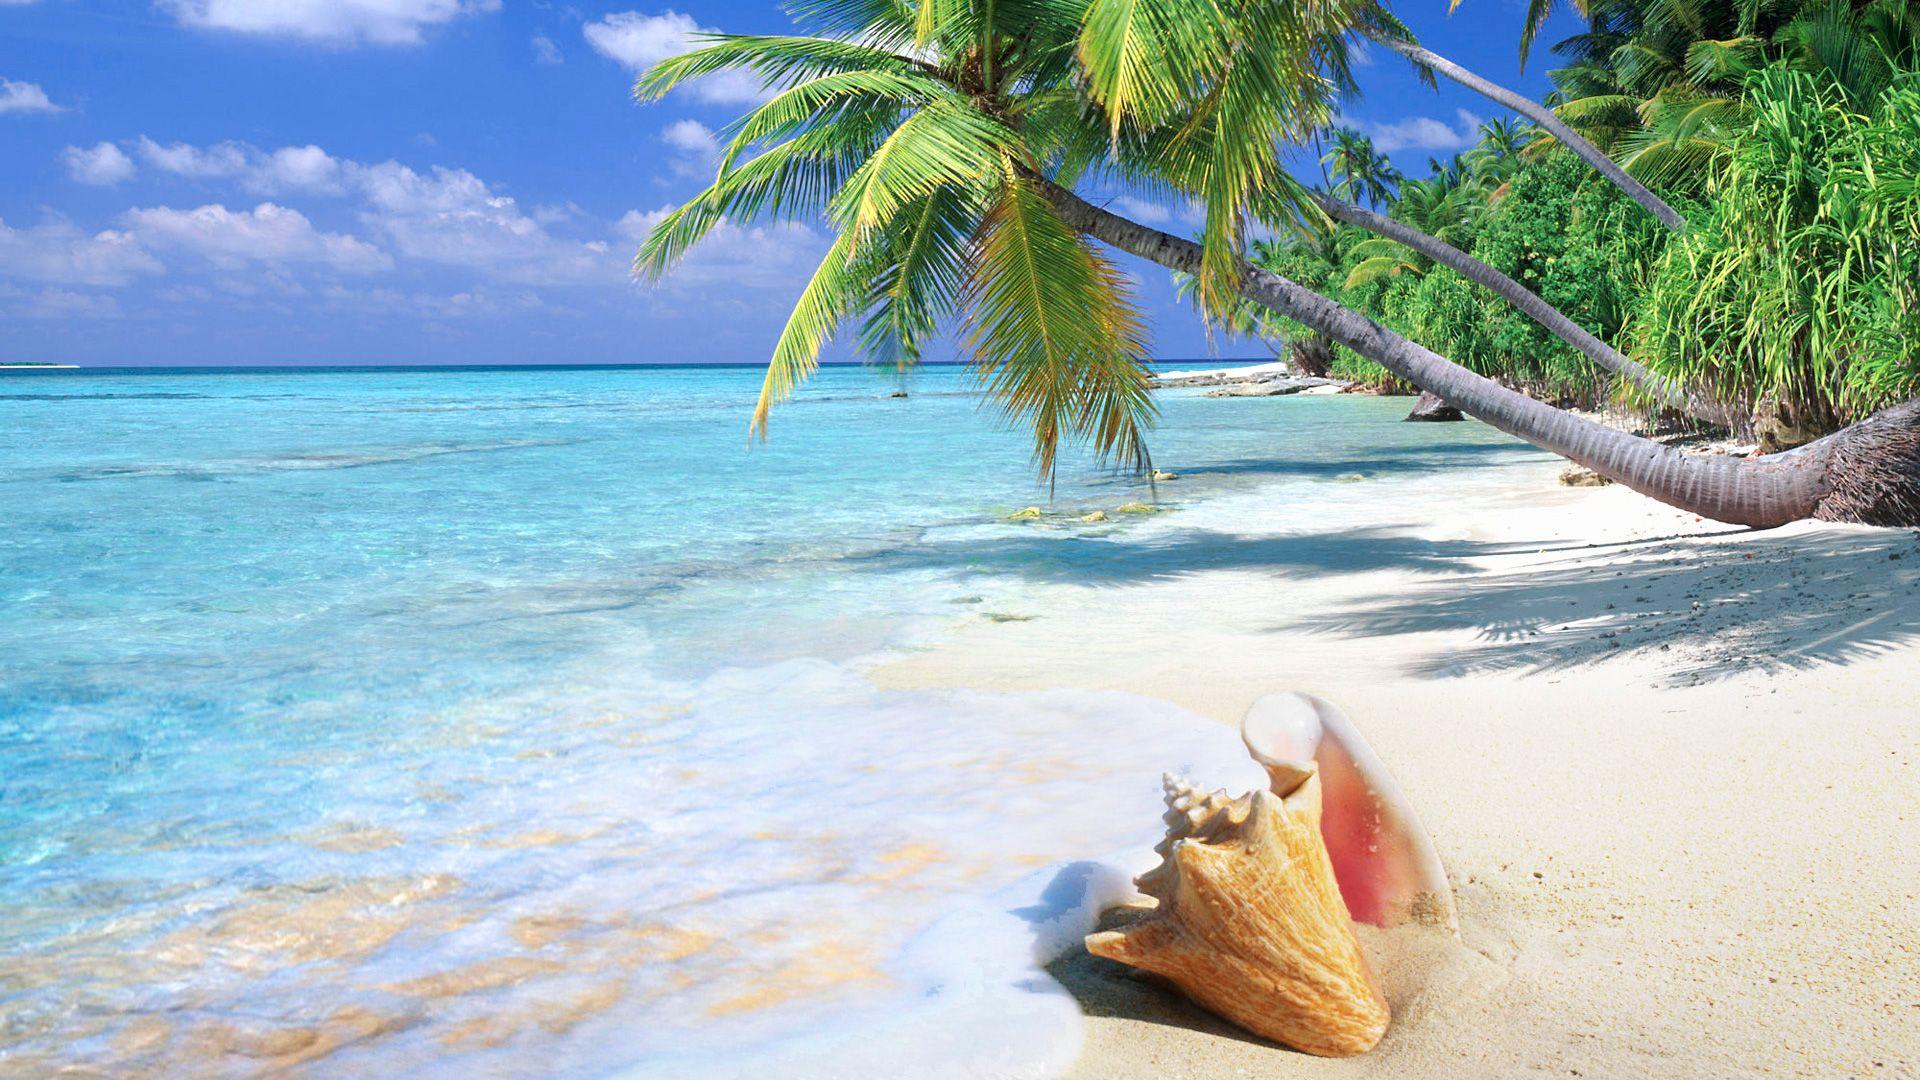 Tropical Beach | Tropical Beach Shell - 1920x1080 - 16:9 ...